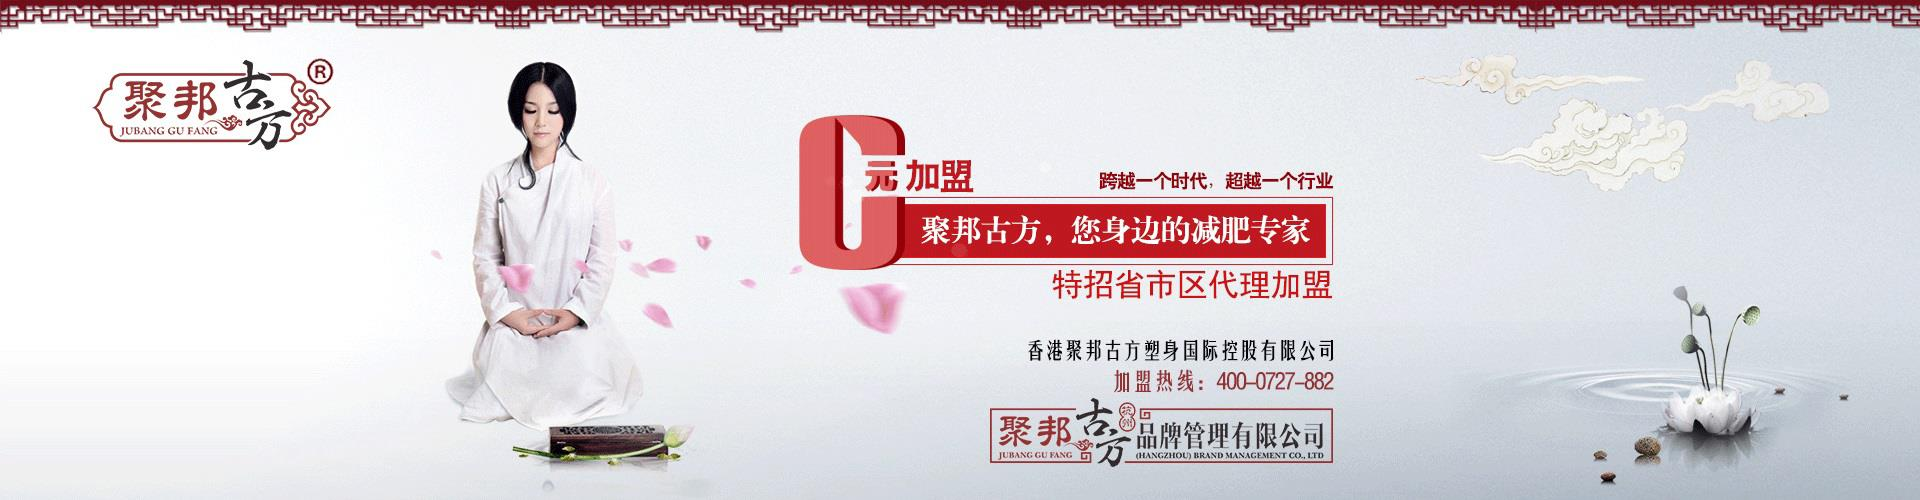 杭州威廉希尔下载加盟